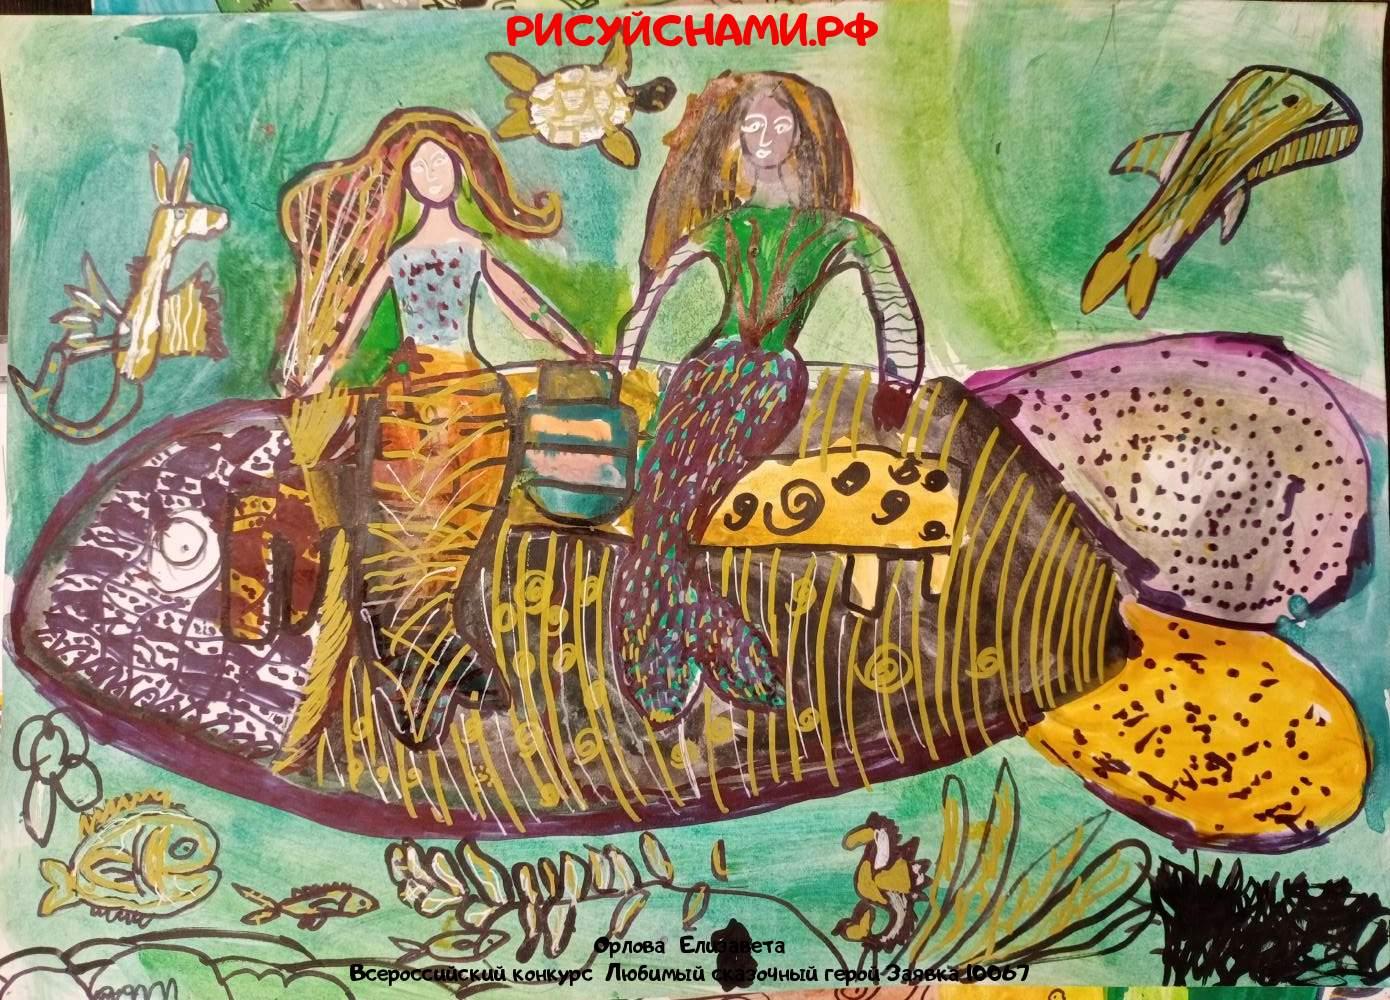 Всероссийский конкурс  Любимый сказочный герой Заявка 10067  творческие конкурсы рисунков для школьников и дошкольников рисуй с нами #тмрисуйснами рисунок и поделка - Орлова  Елизавета